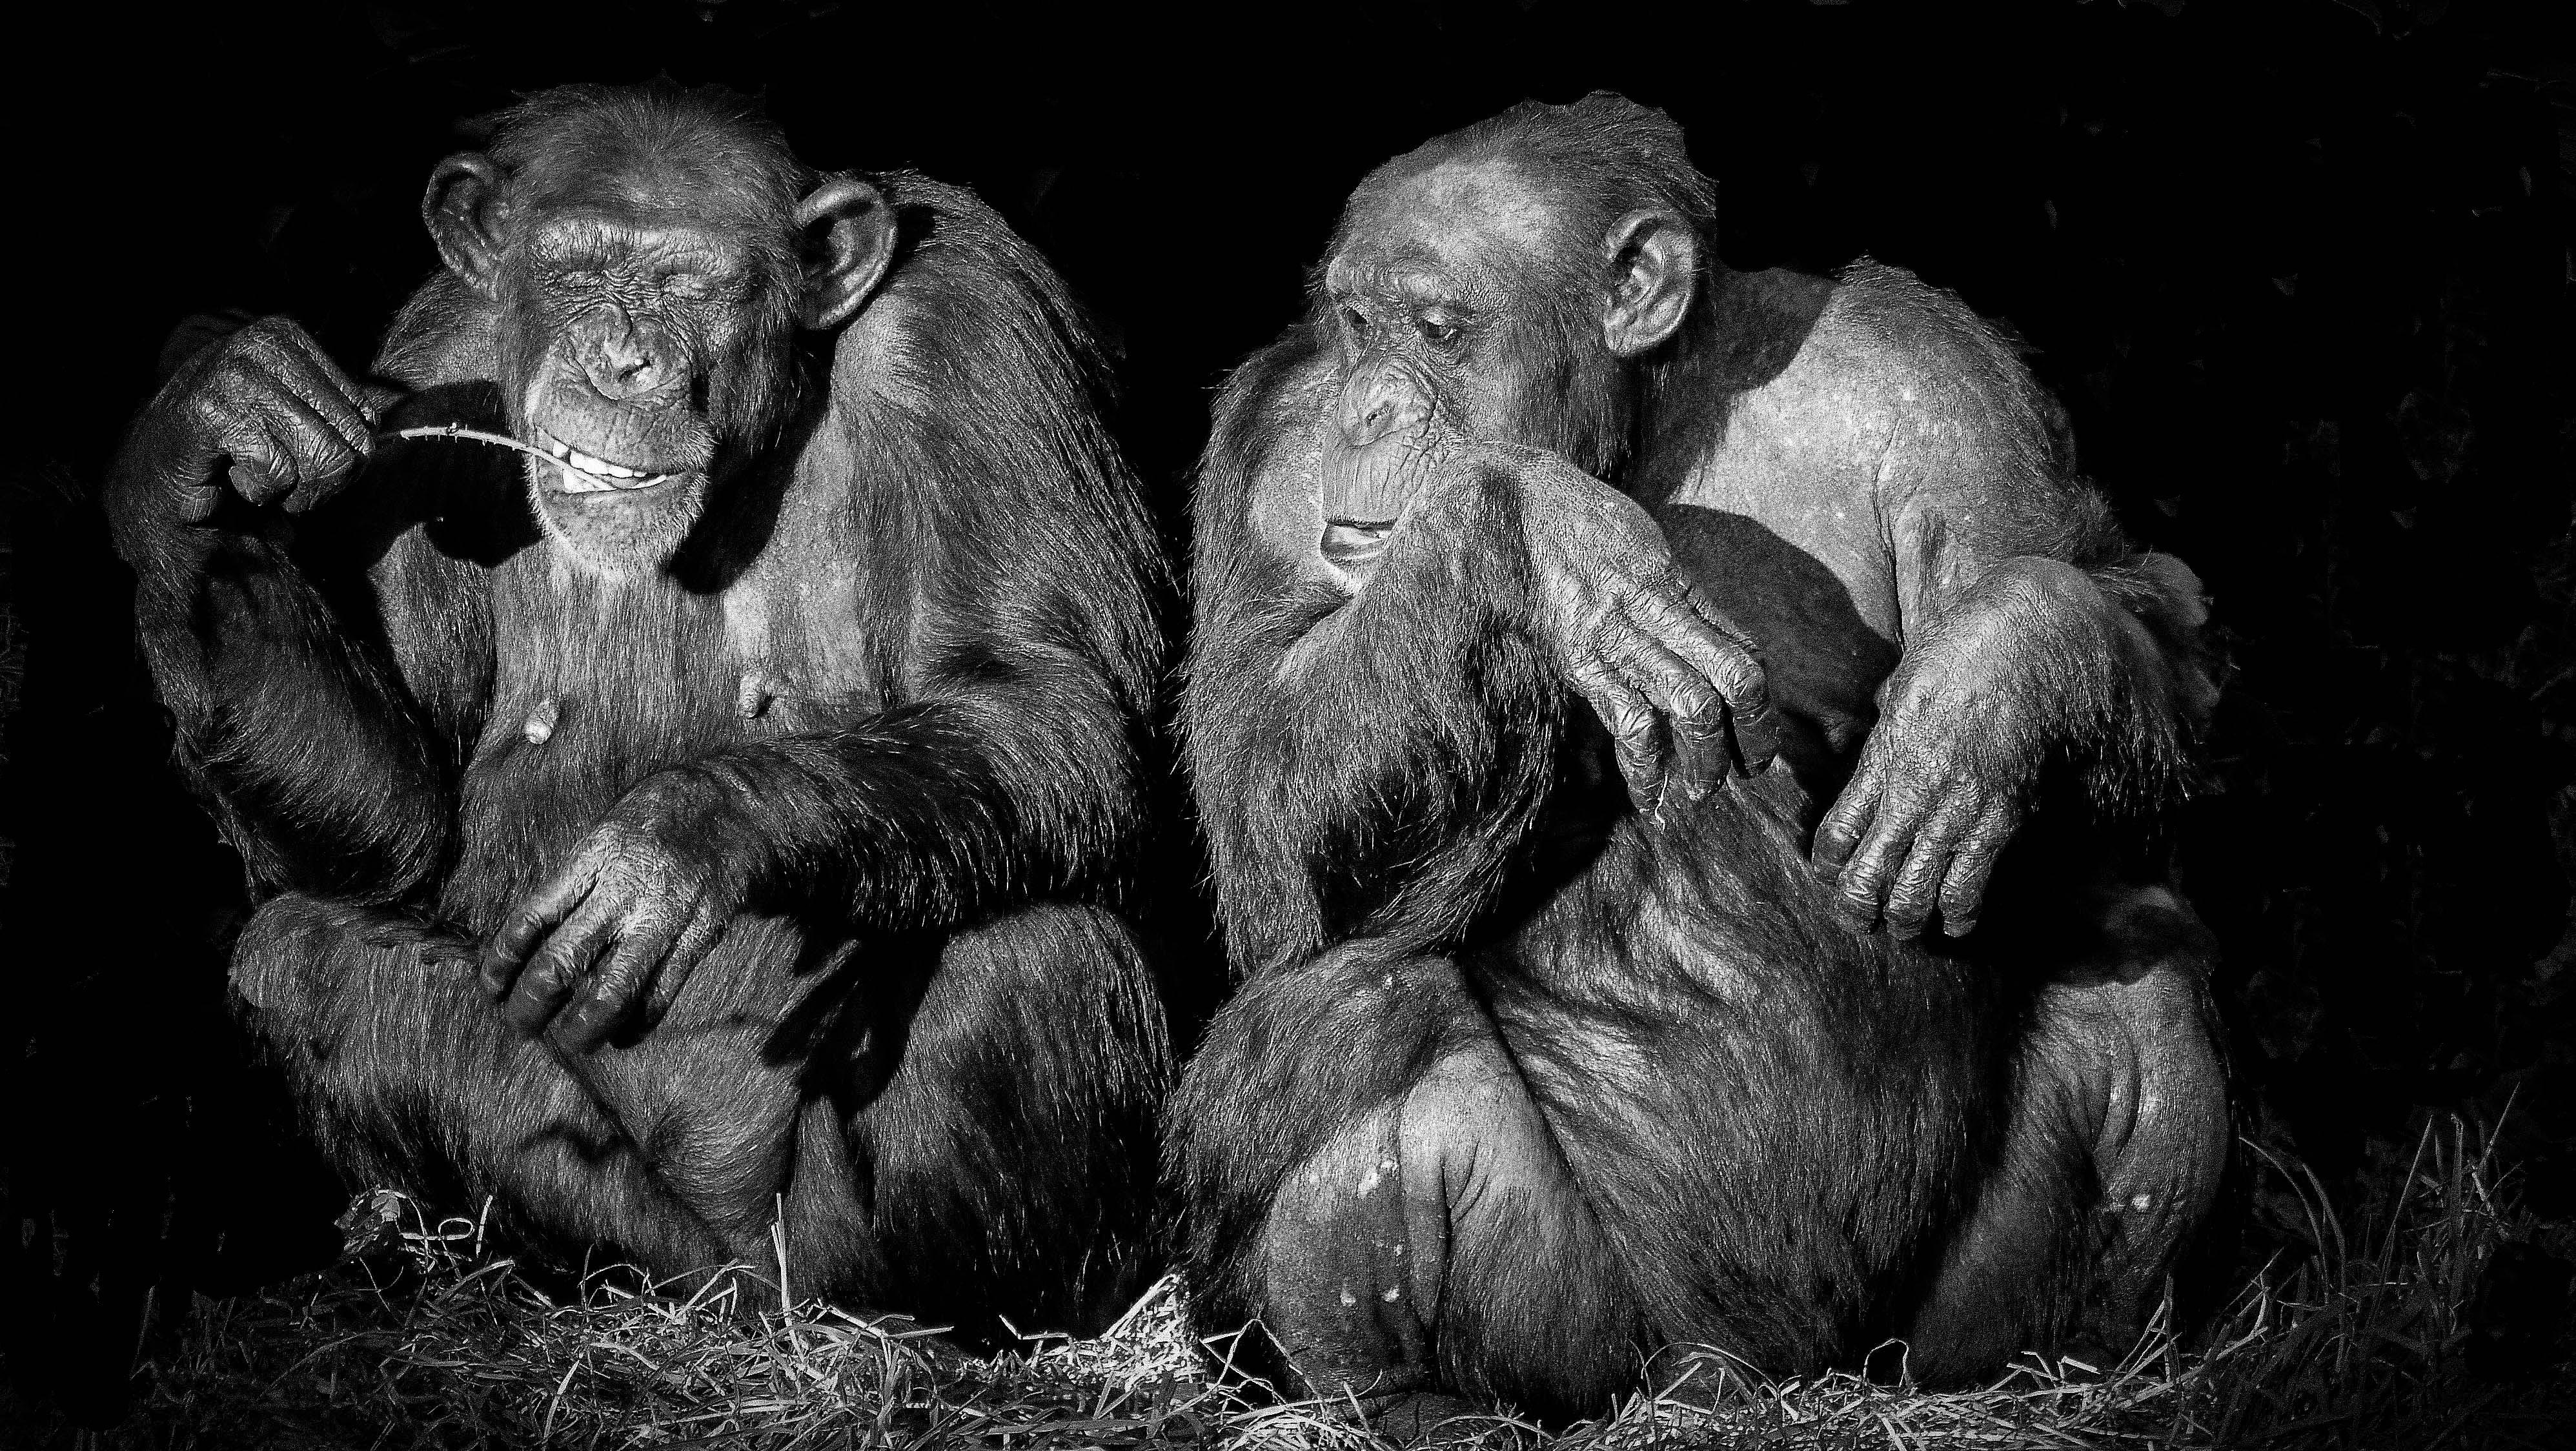 Новая бактерия убивает шимпанзе, но неопасна для человека. Пока